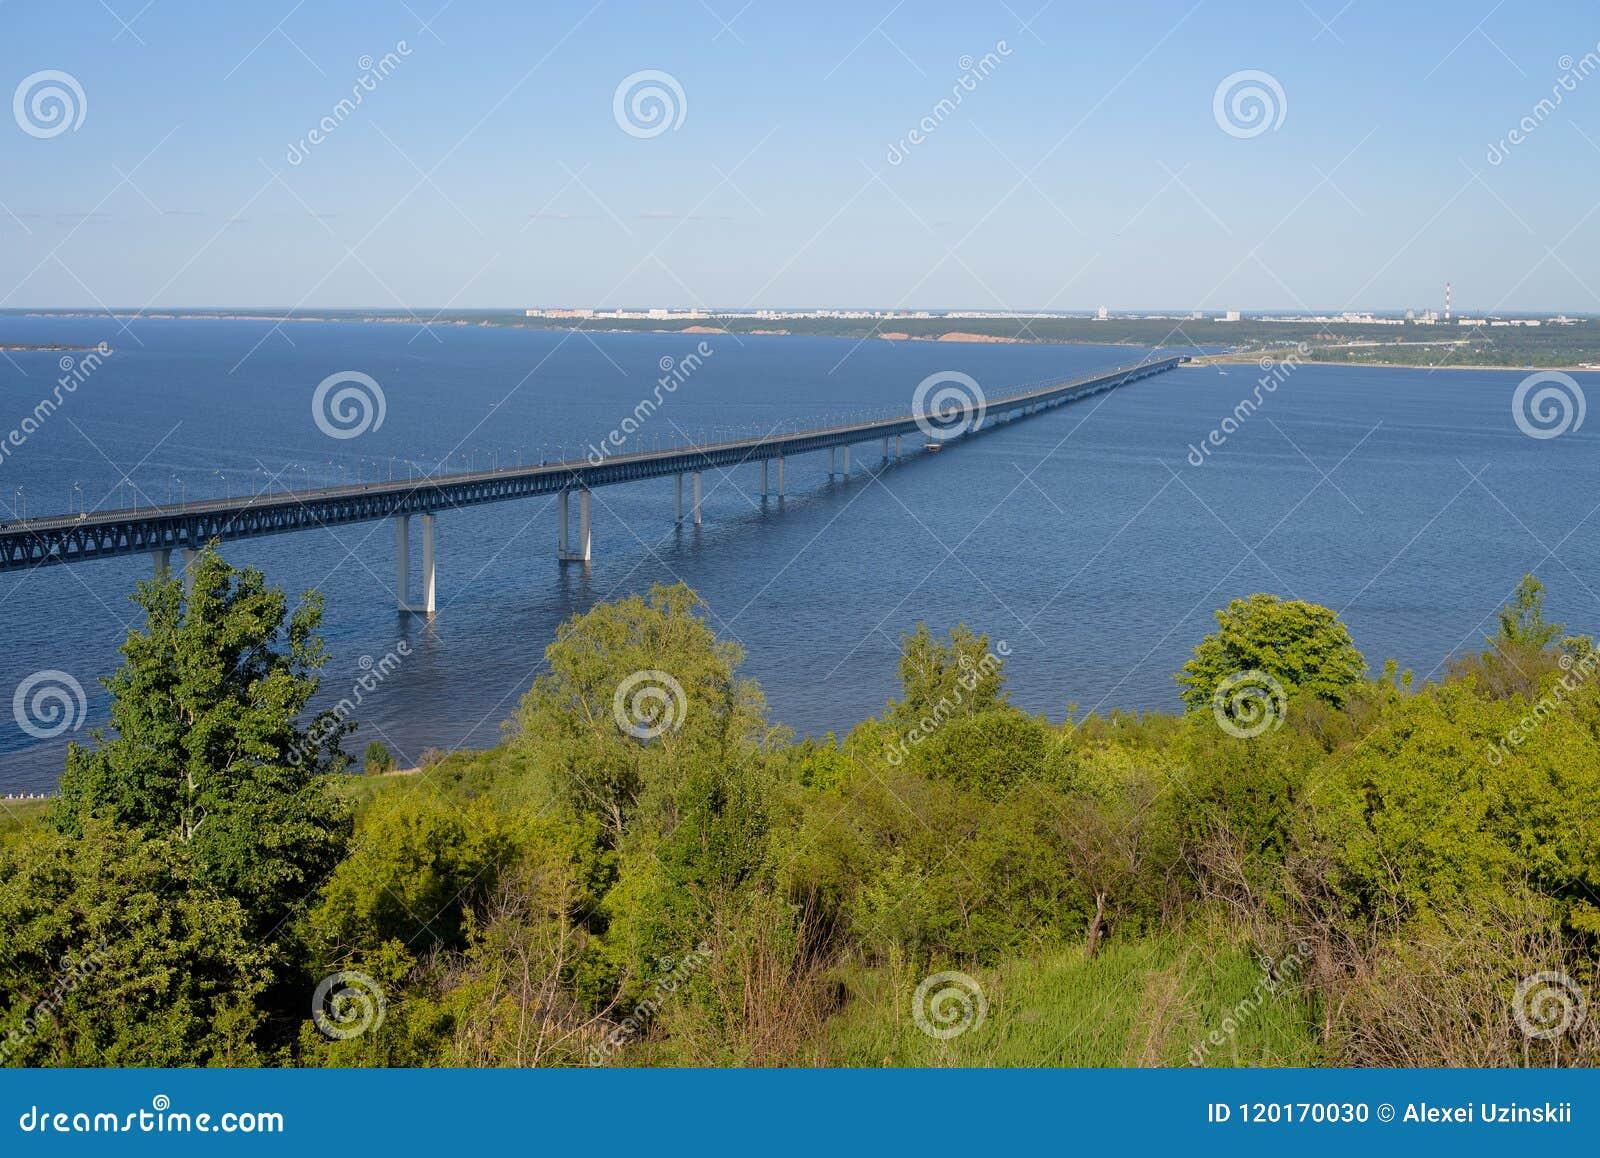 Ulyanovsk, Russland - 06 30 2018: Präsident Bridge über der Wolga, Sommertag